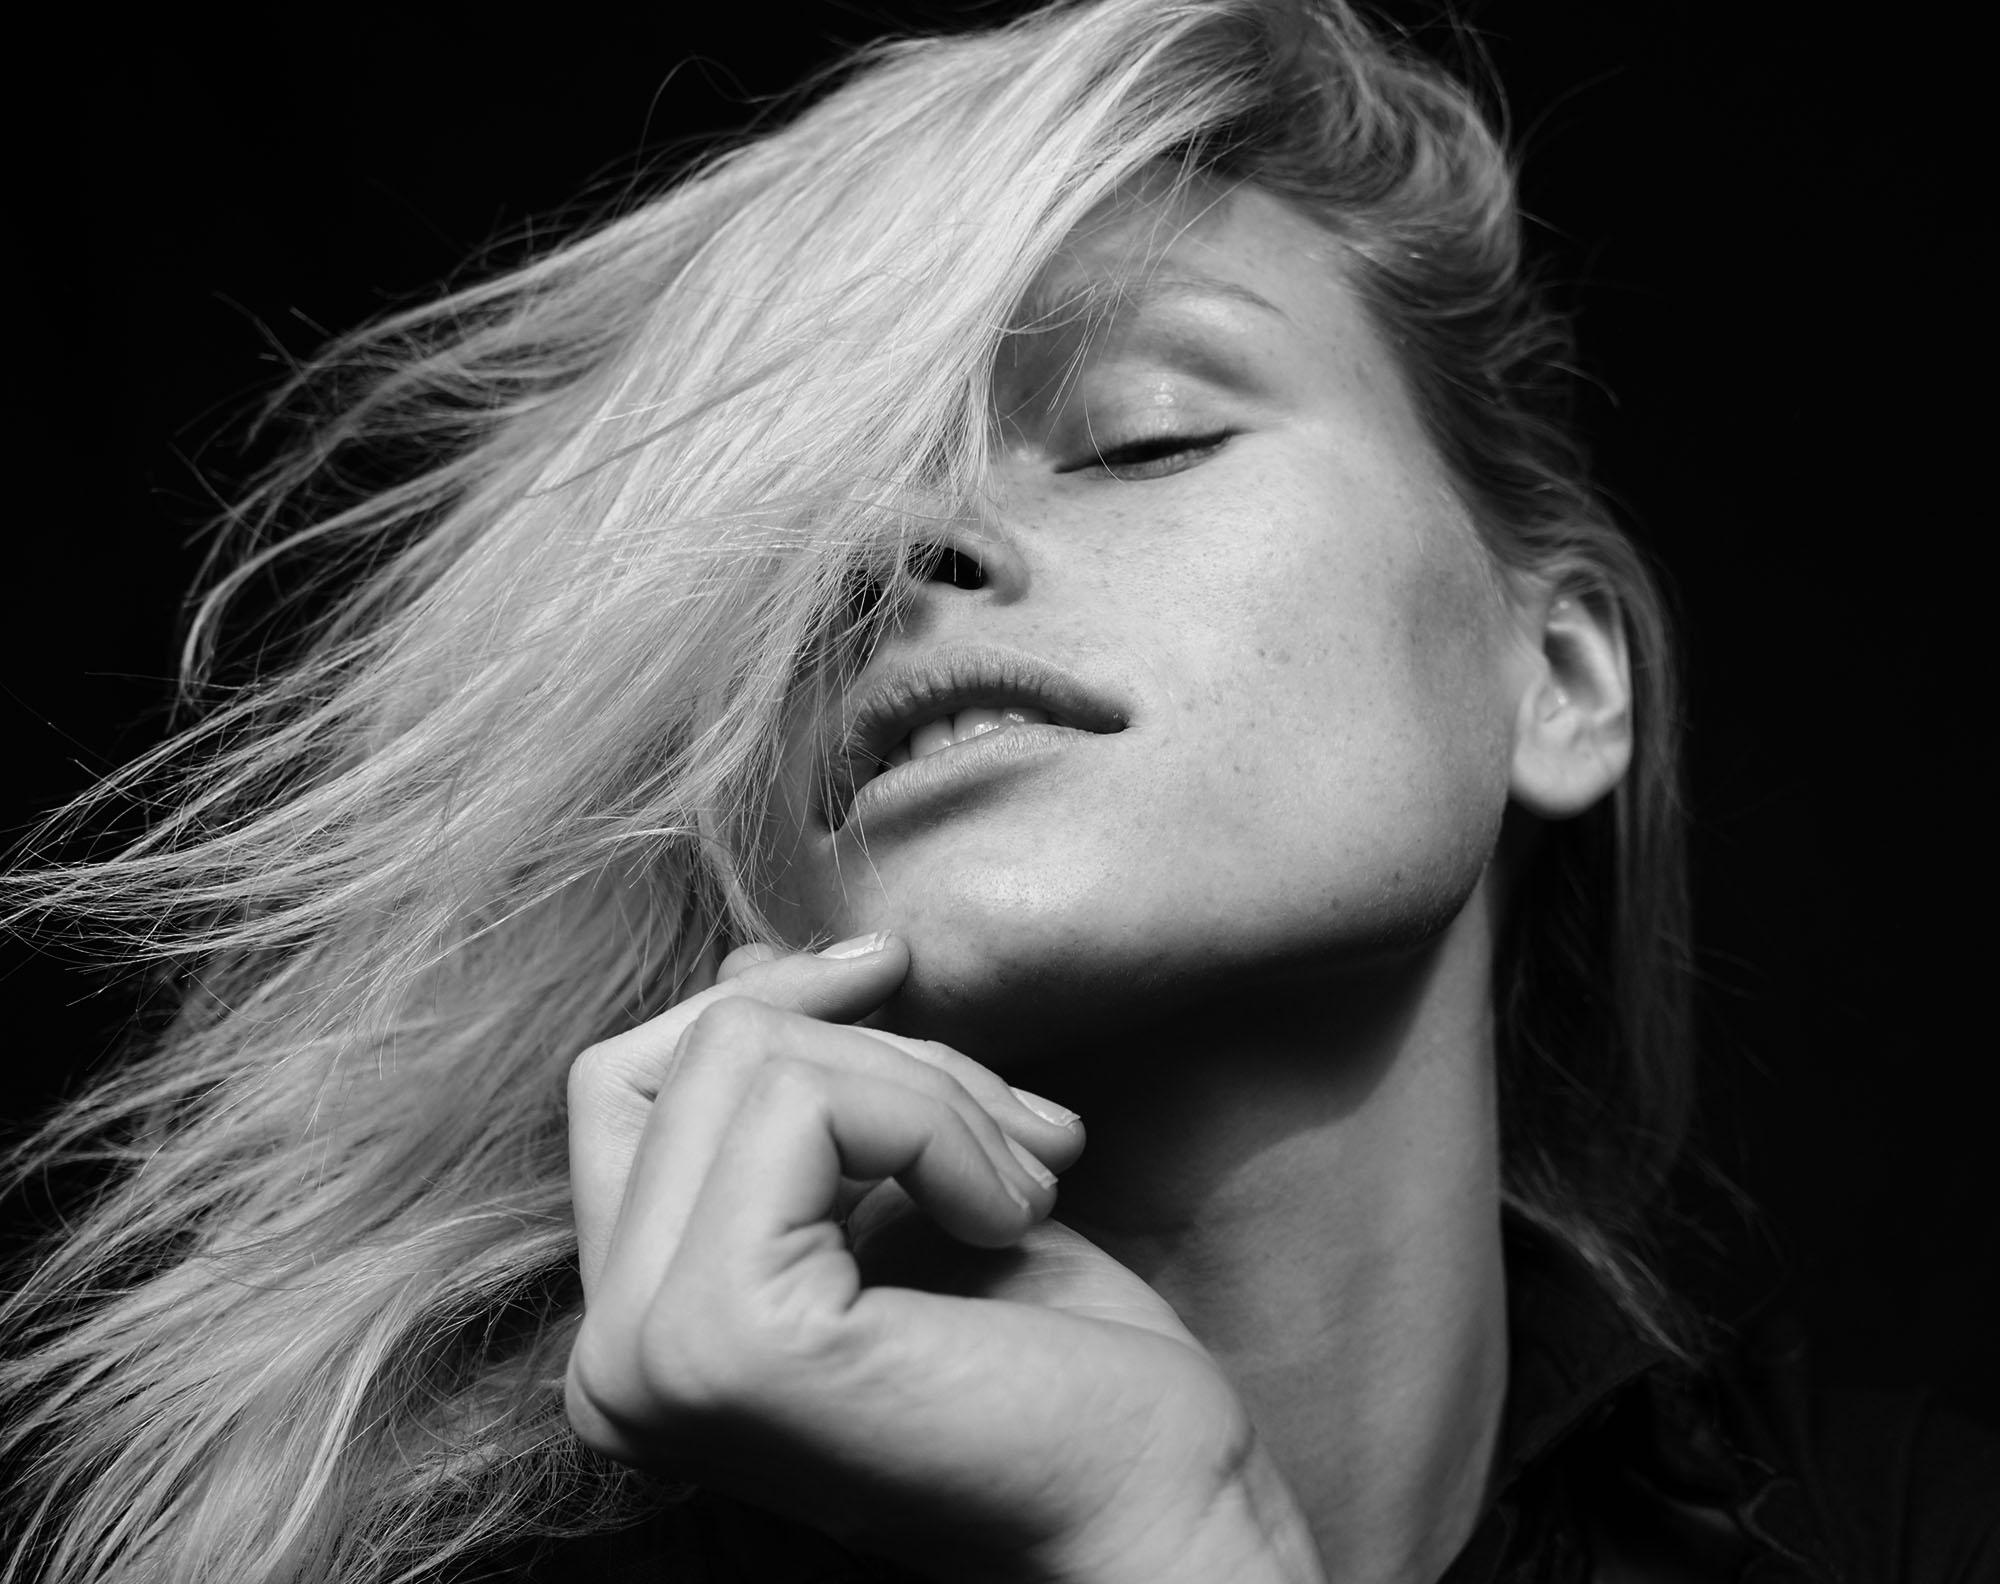 JORDAN DONER JOURNAL | Israeli Beauty, Alexa Dol